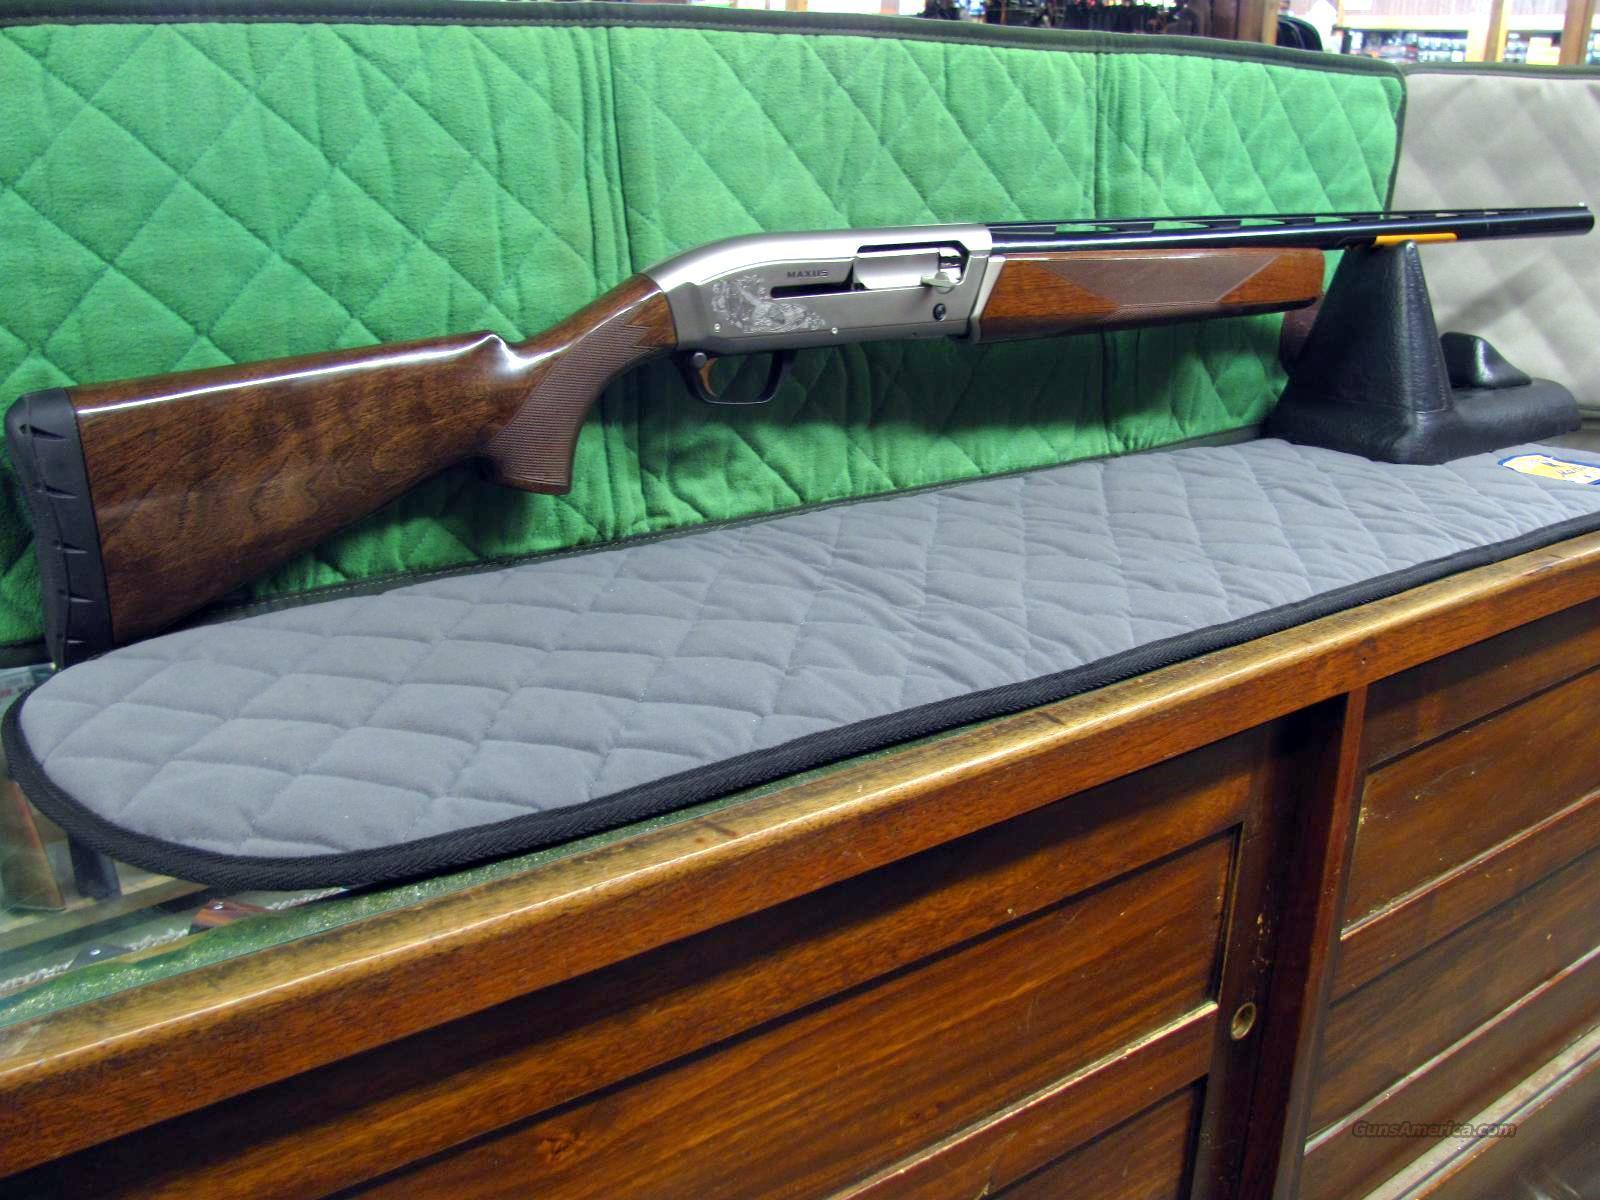 Browning Maxus Hunter 12/28 3.5 Inch  **NEW**  Guns > Shotguns > Browning Shotguns > Autoloaders > Hunting